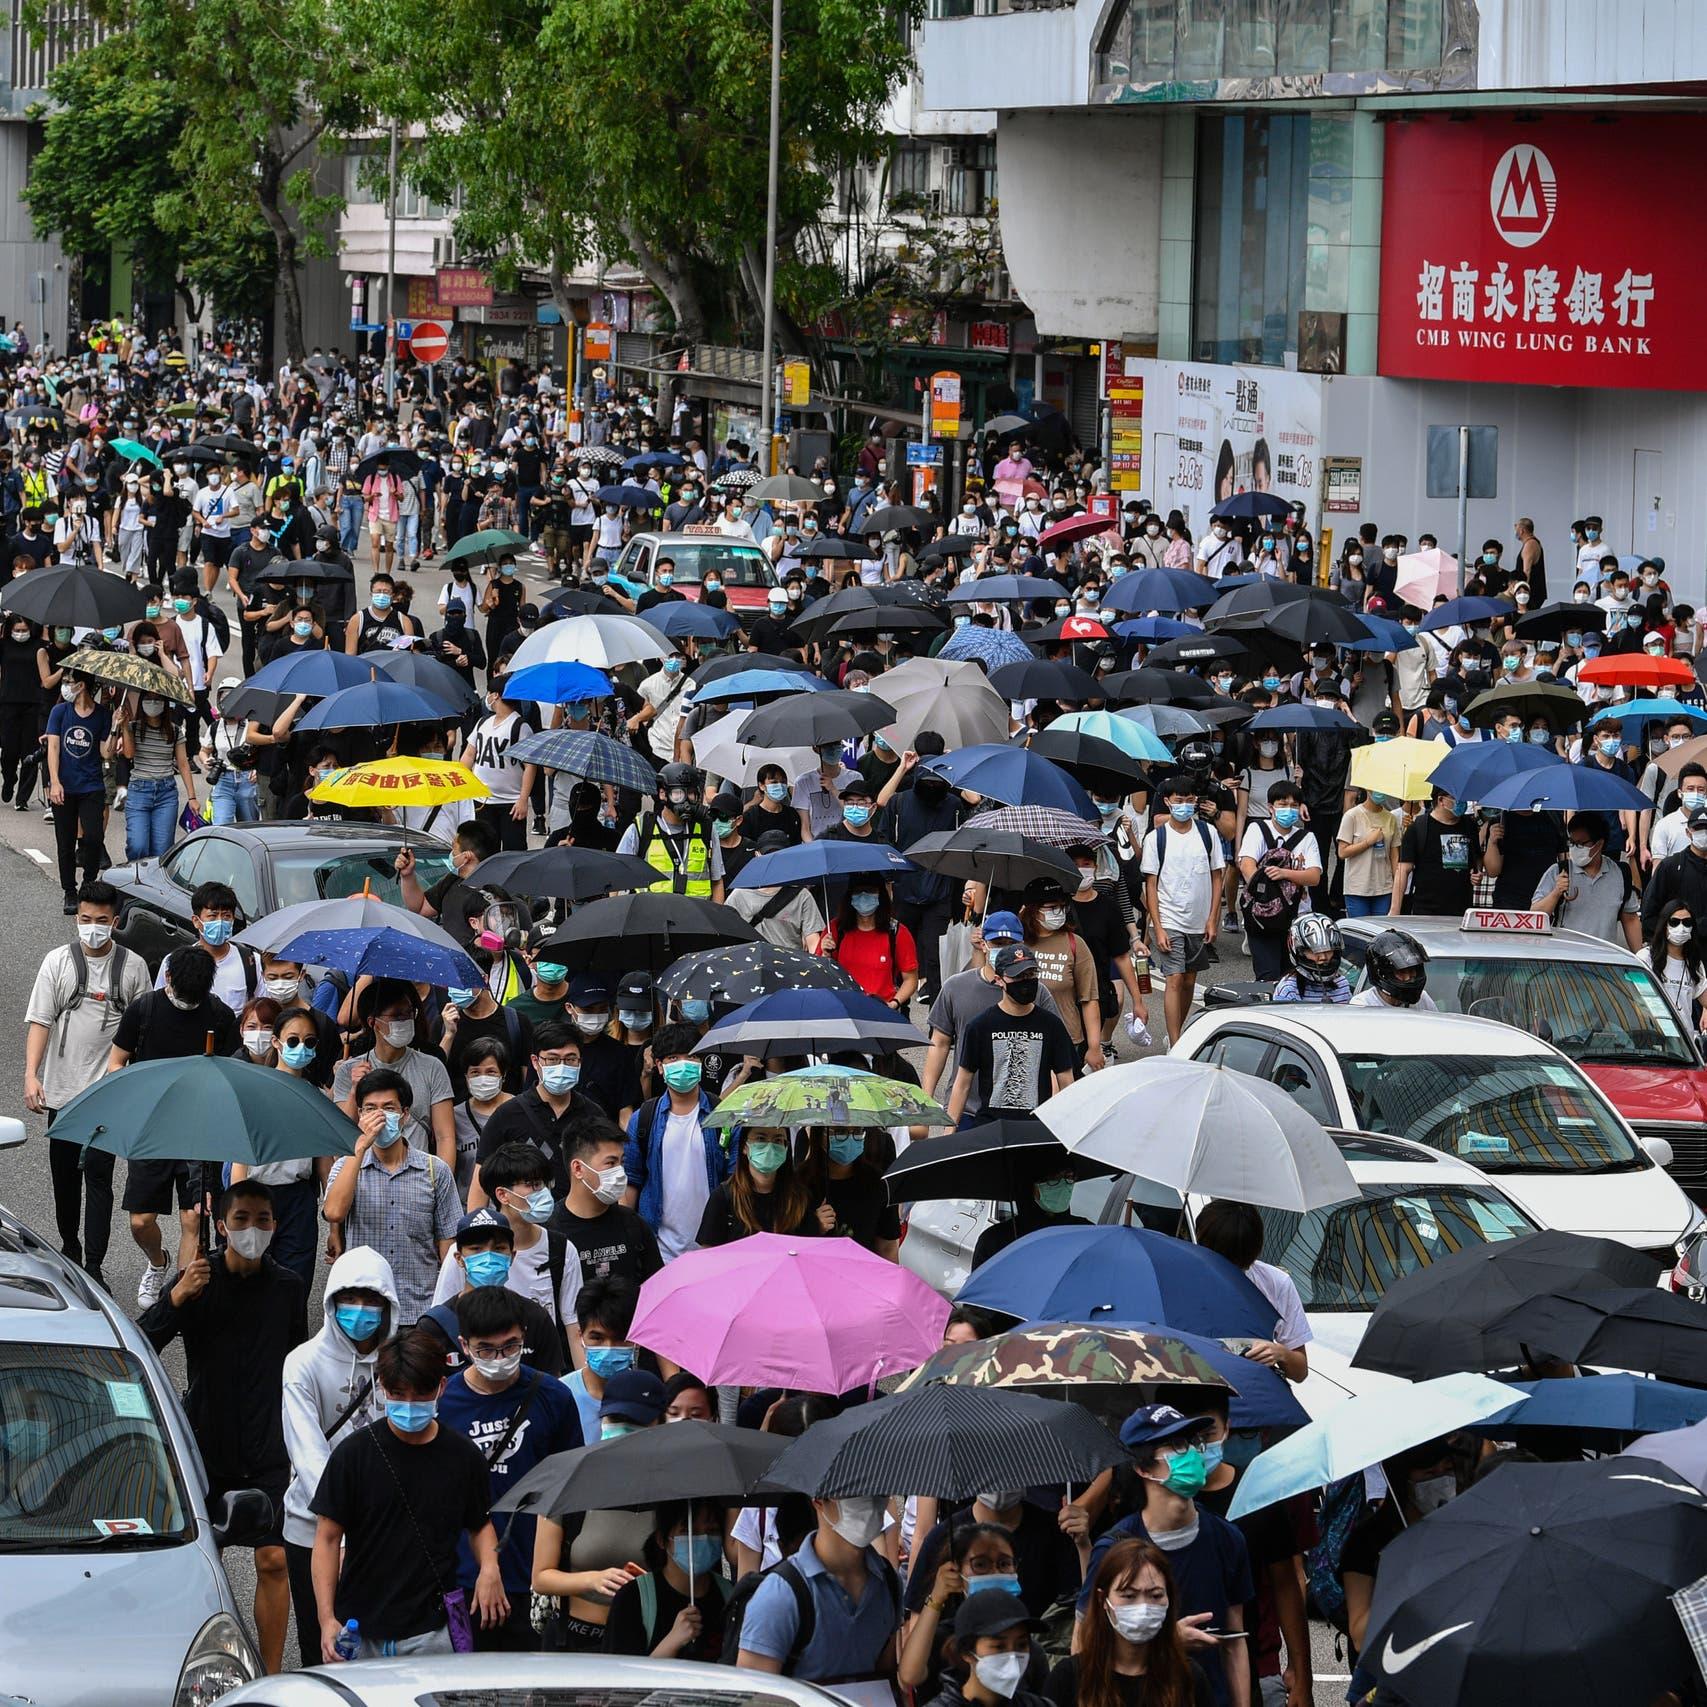 شوكة هونغ كونغ في خاصرة الصين.. تحذير أميركي بريطاني